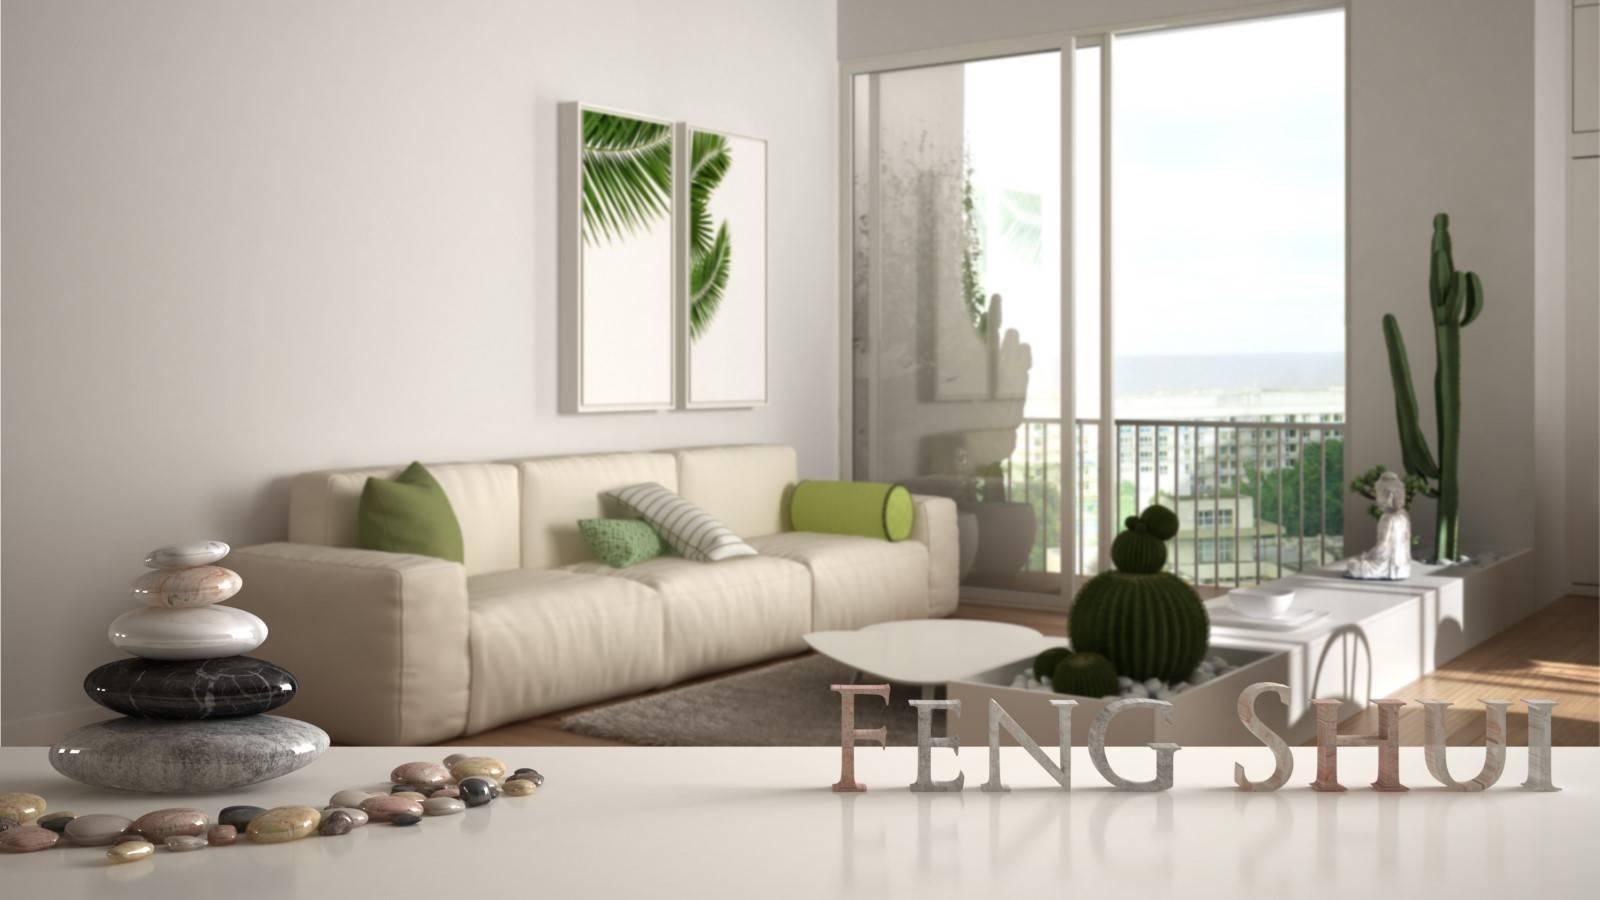 Feng Shui Couleur Salon vivre en harmonie avec les énergies dans sa maison, dans une